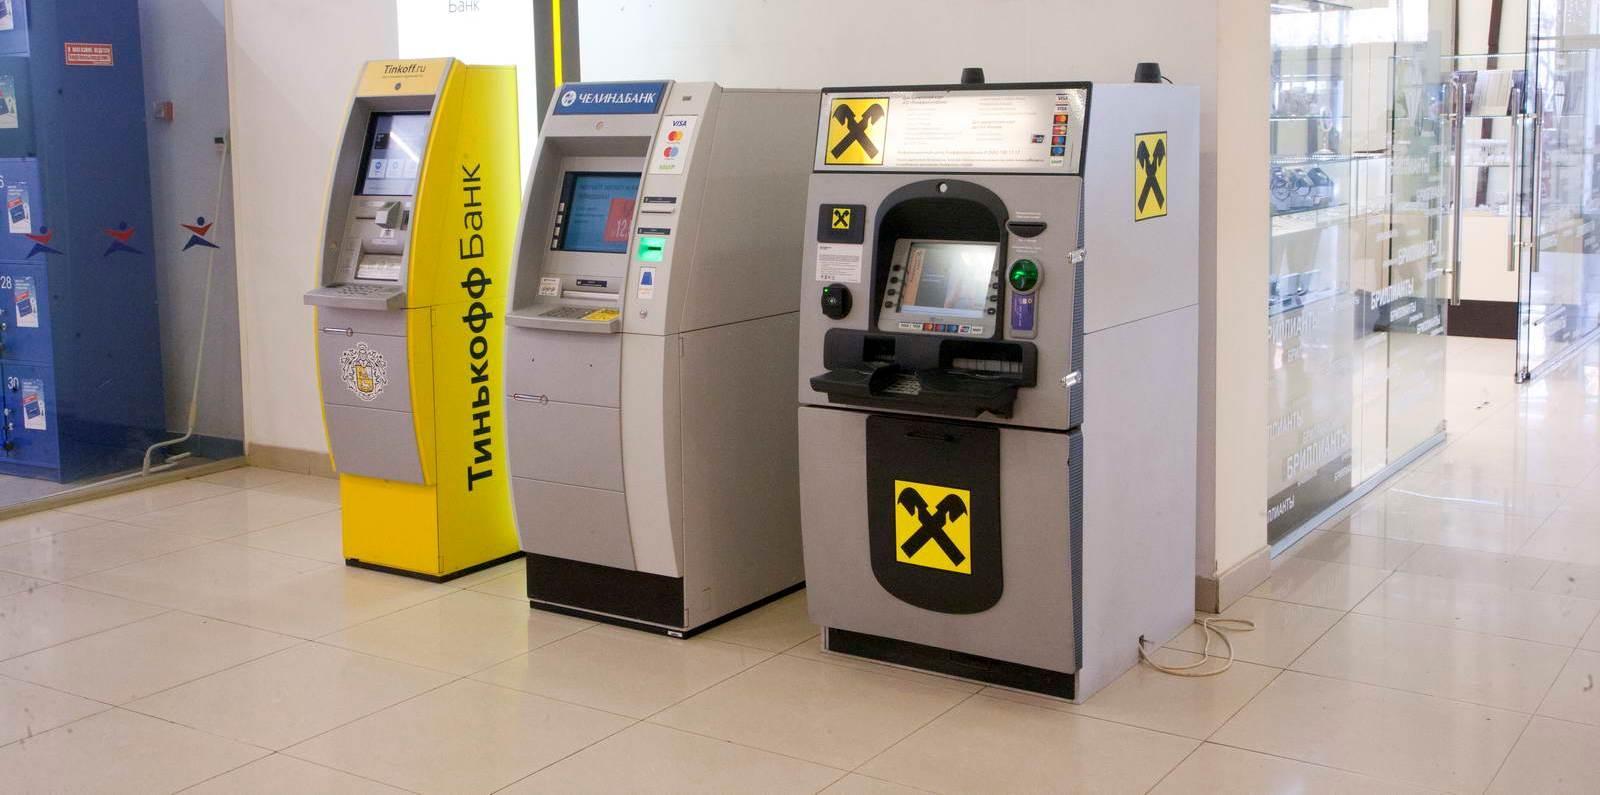 Под банкоматы, устанавливаемые в ТЦ и ТРК, также оформляются договоры аренды на часть помещения. Для этого достаточно выделить и описать 1-2 кв.м., а возводить капитальные конструкции не нужно.